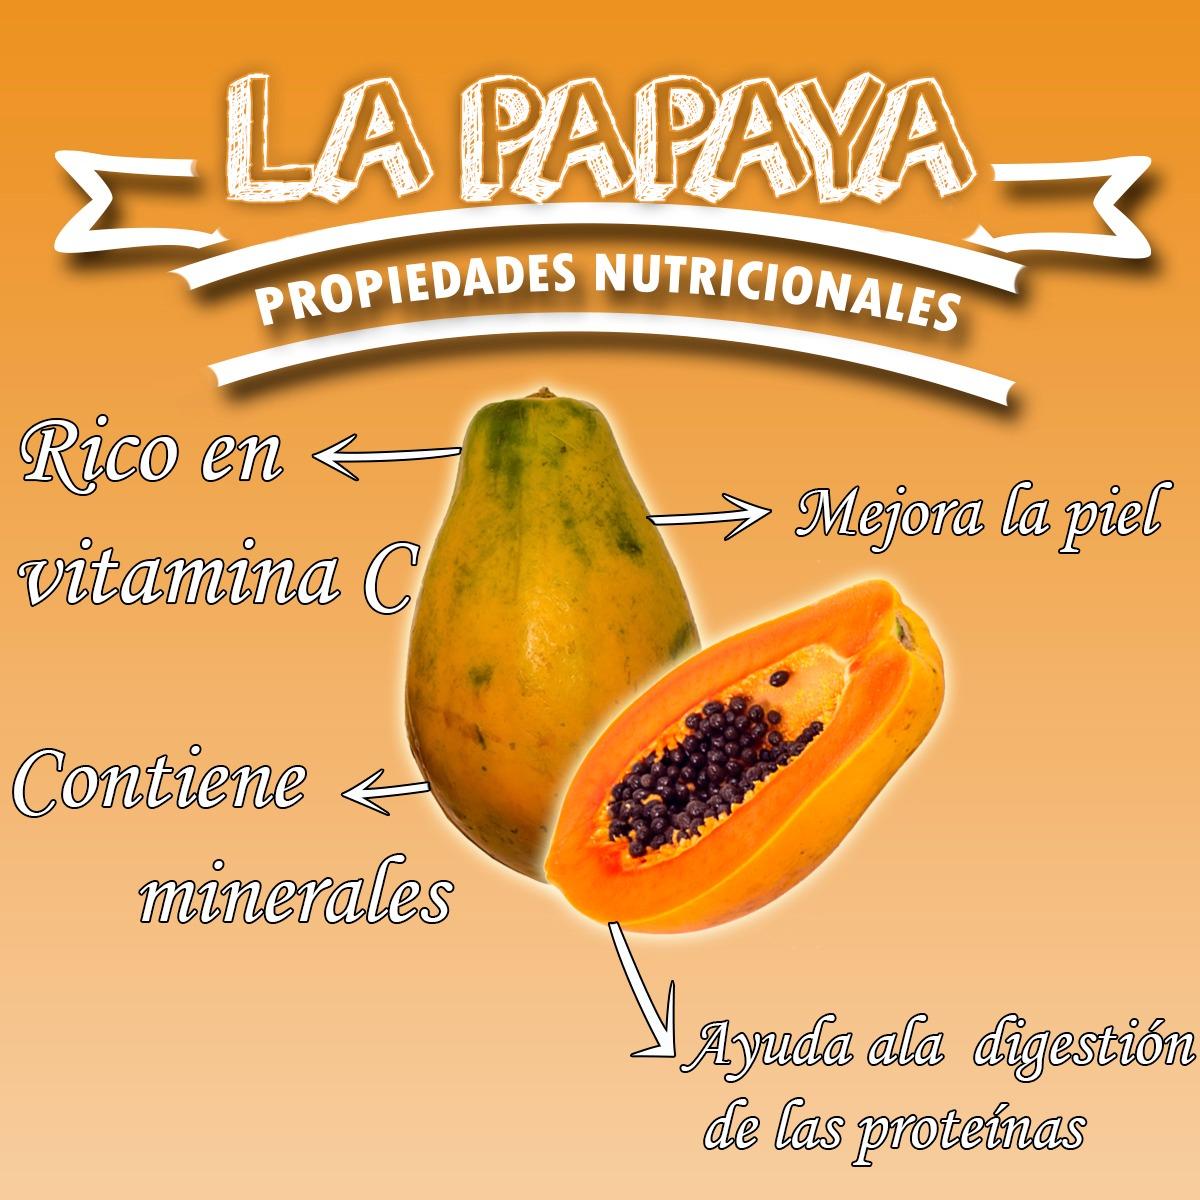 la papaya propiedades nutritivas y beneficios para la salud